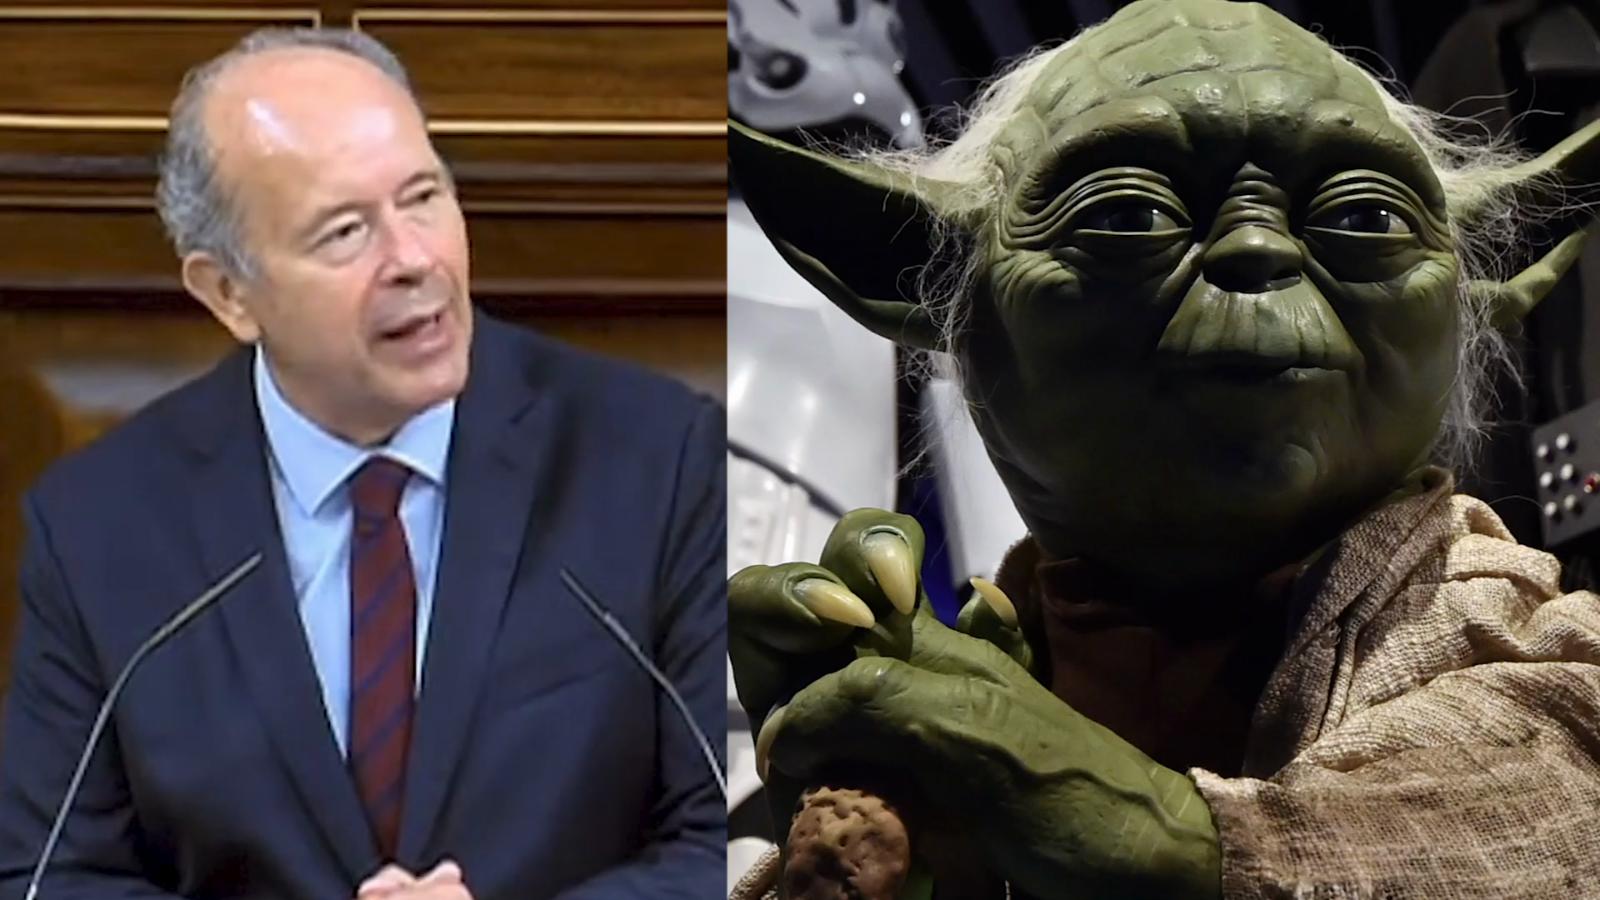 Ministro cita a Yoda para advertir sobre la ultraderecha: «El odio lleva al sufrimiento»